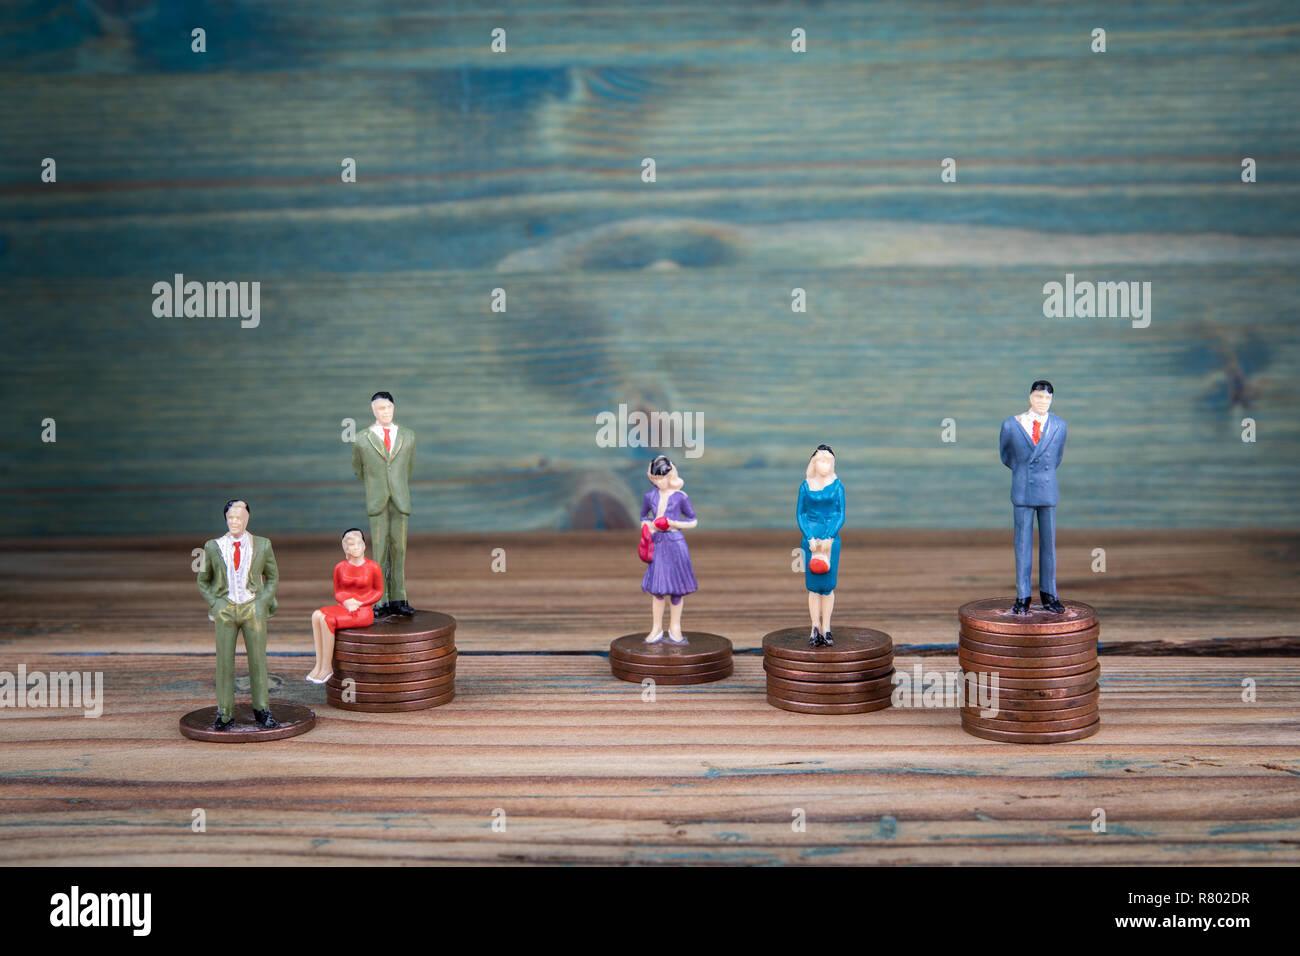 La gente de pie en miniatura en los montones de monedas Foto de stock